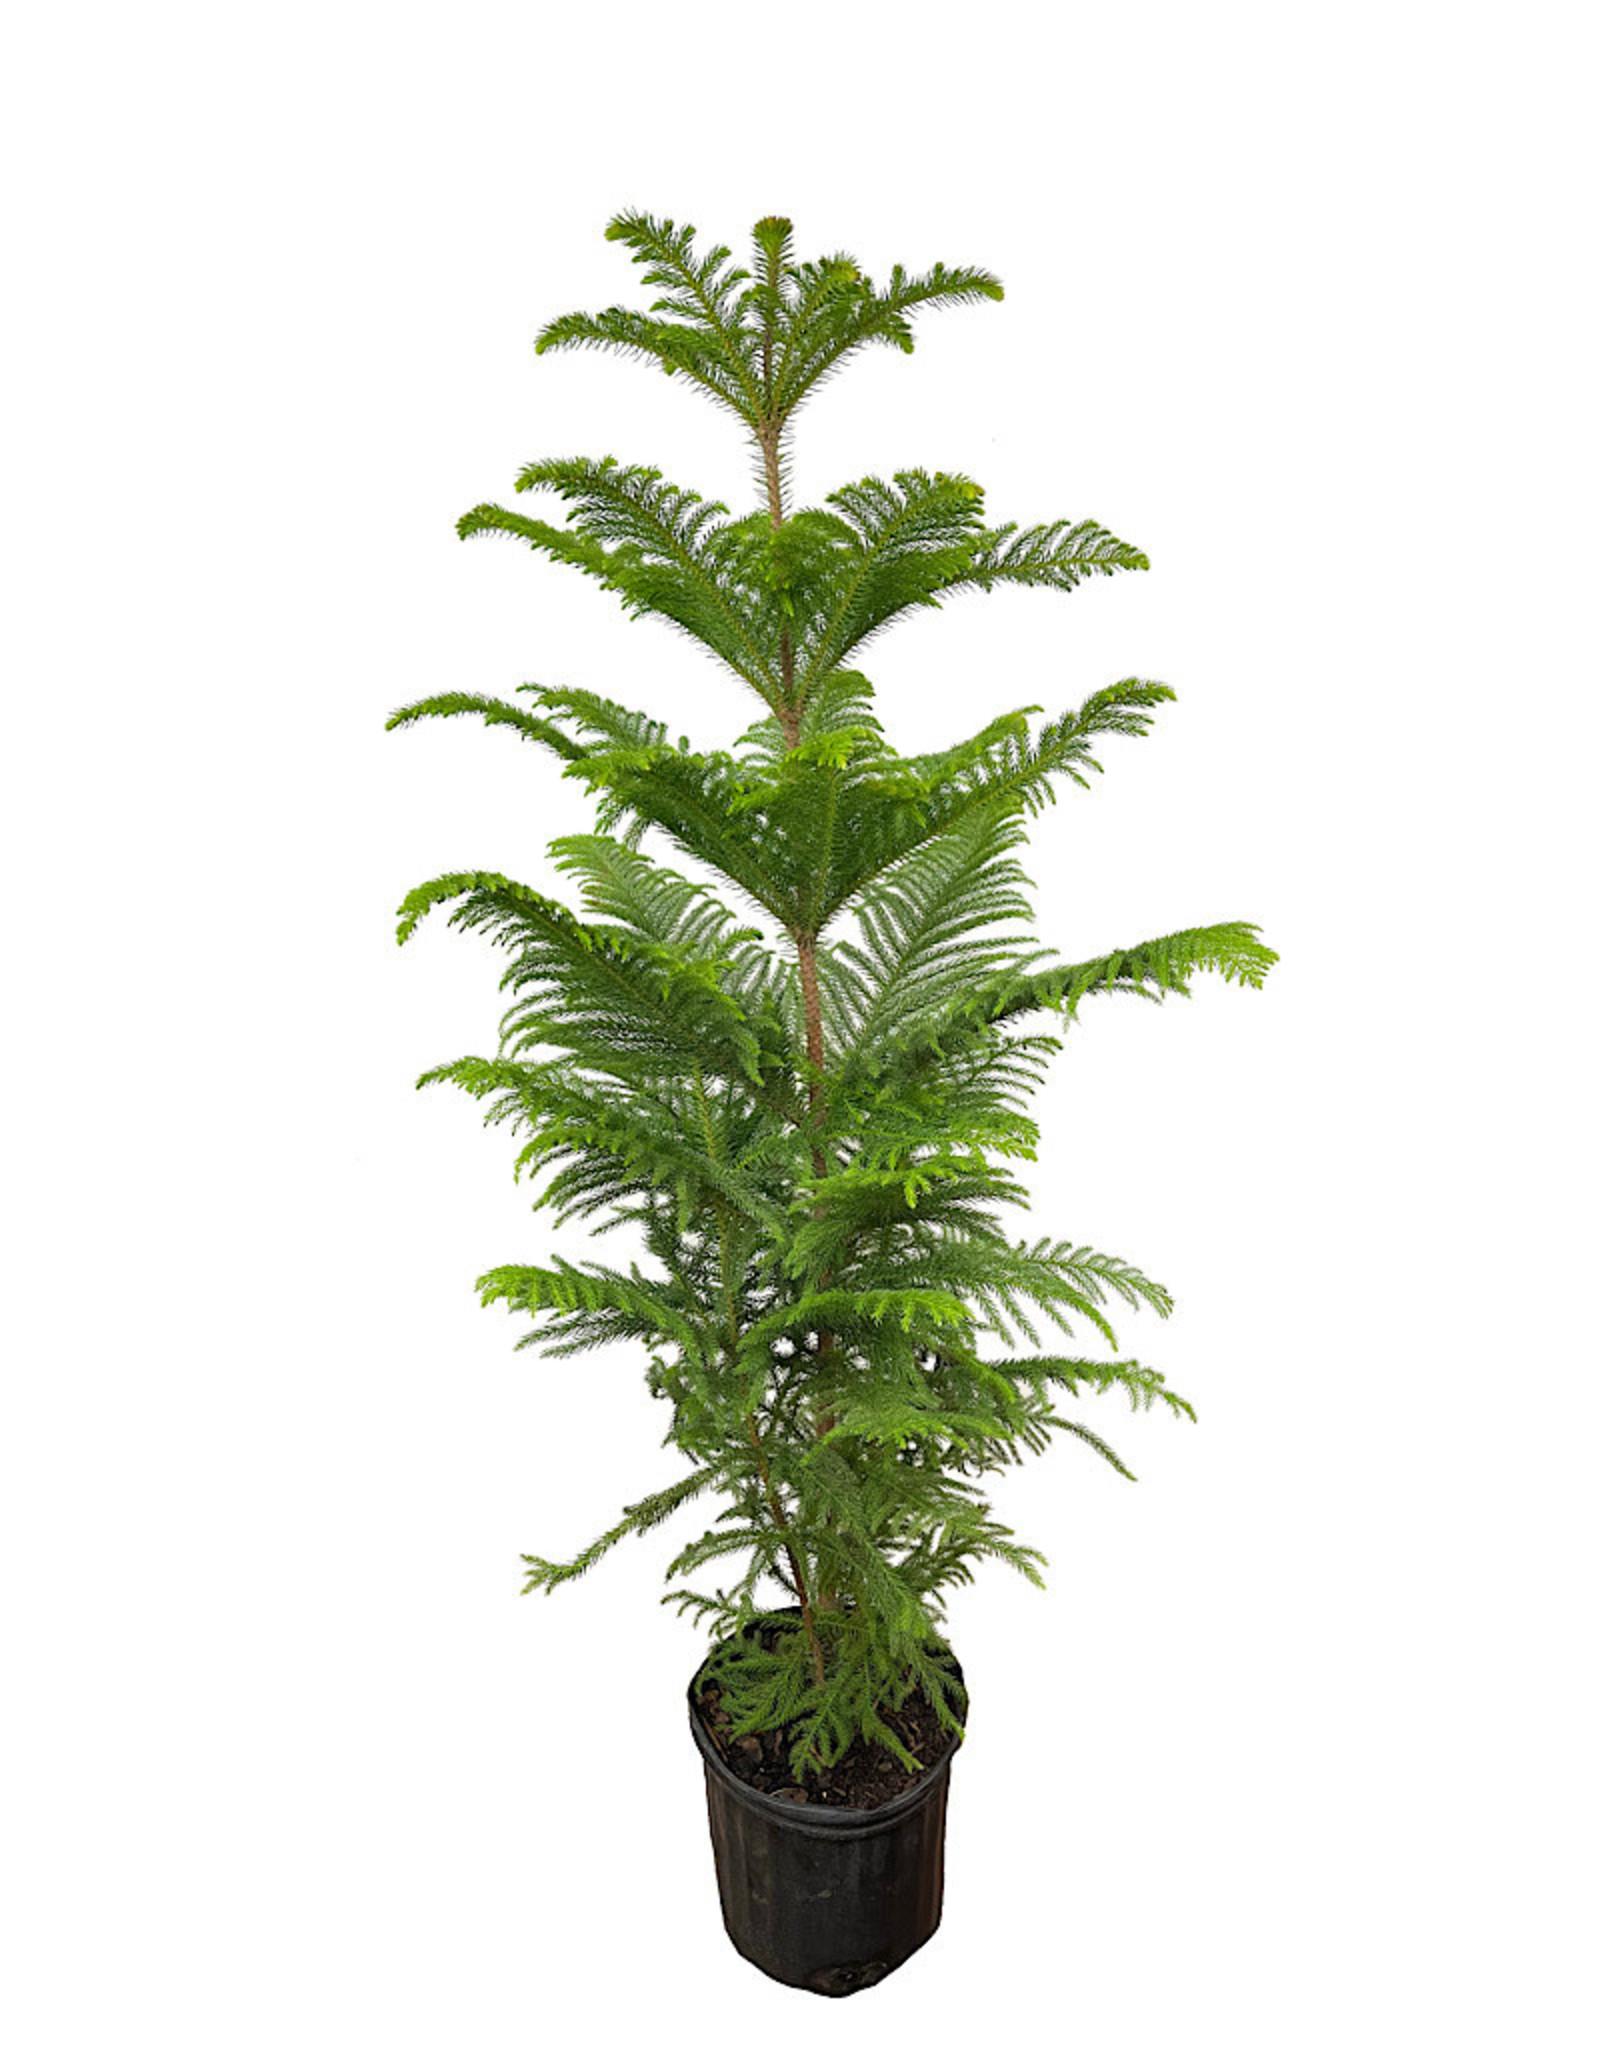 Araucaria heterophylla 10 Inch